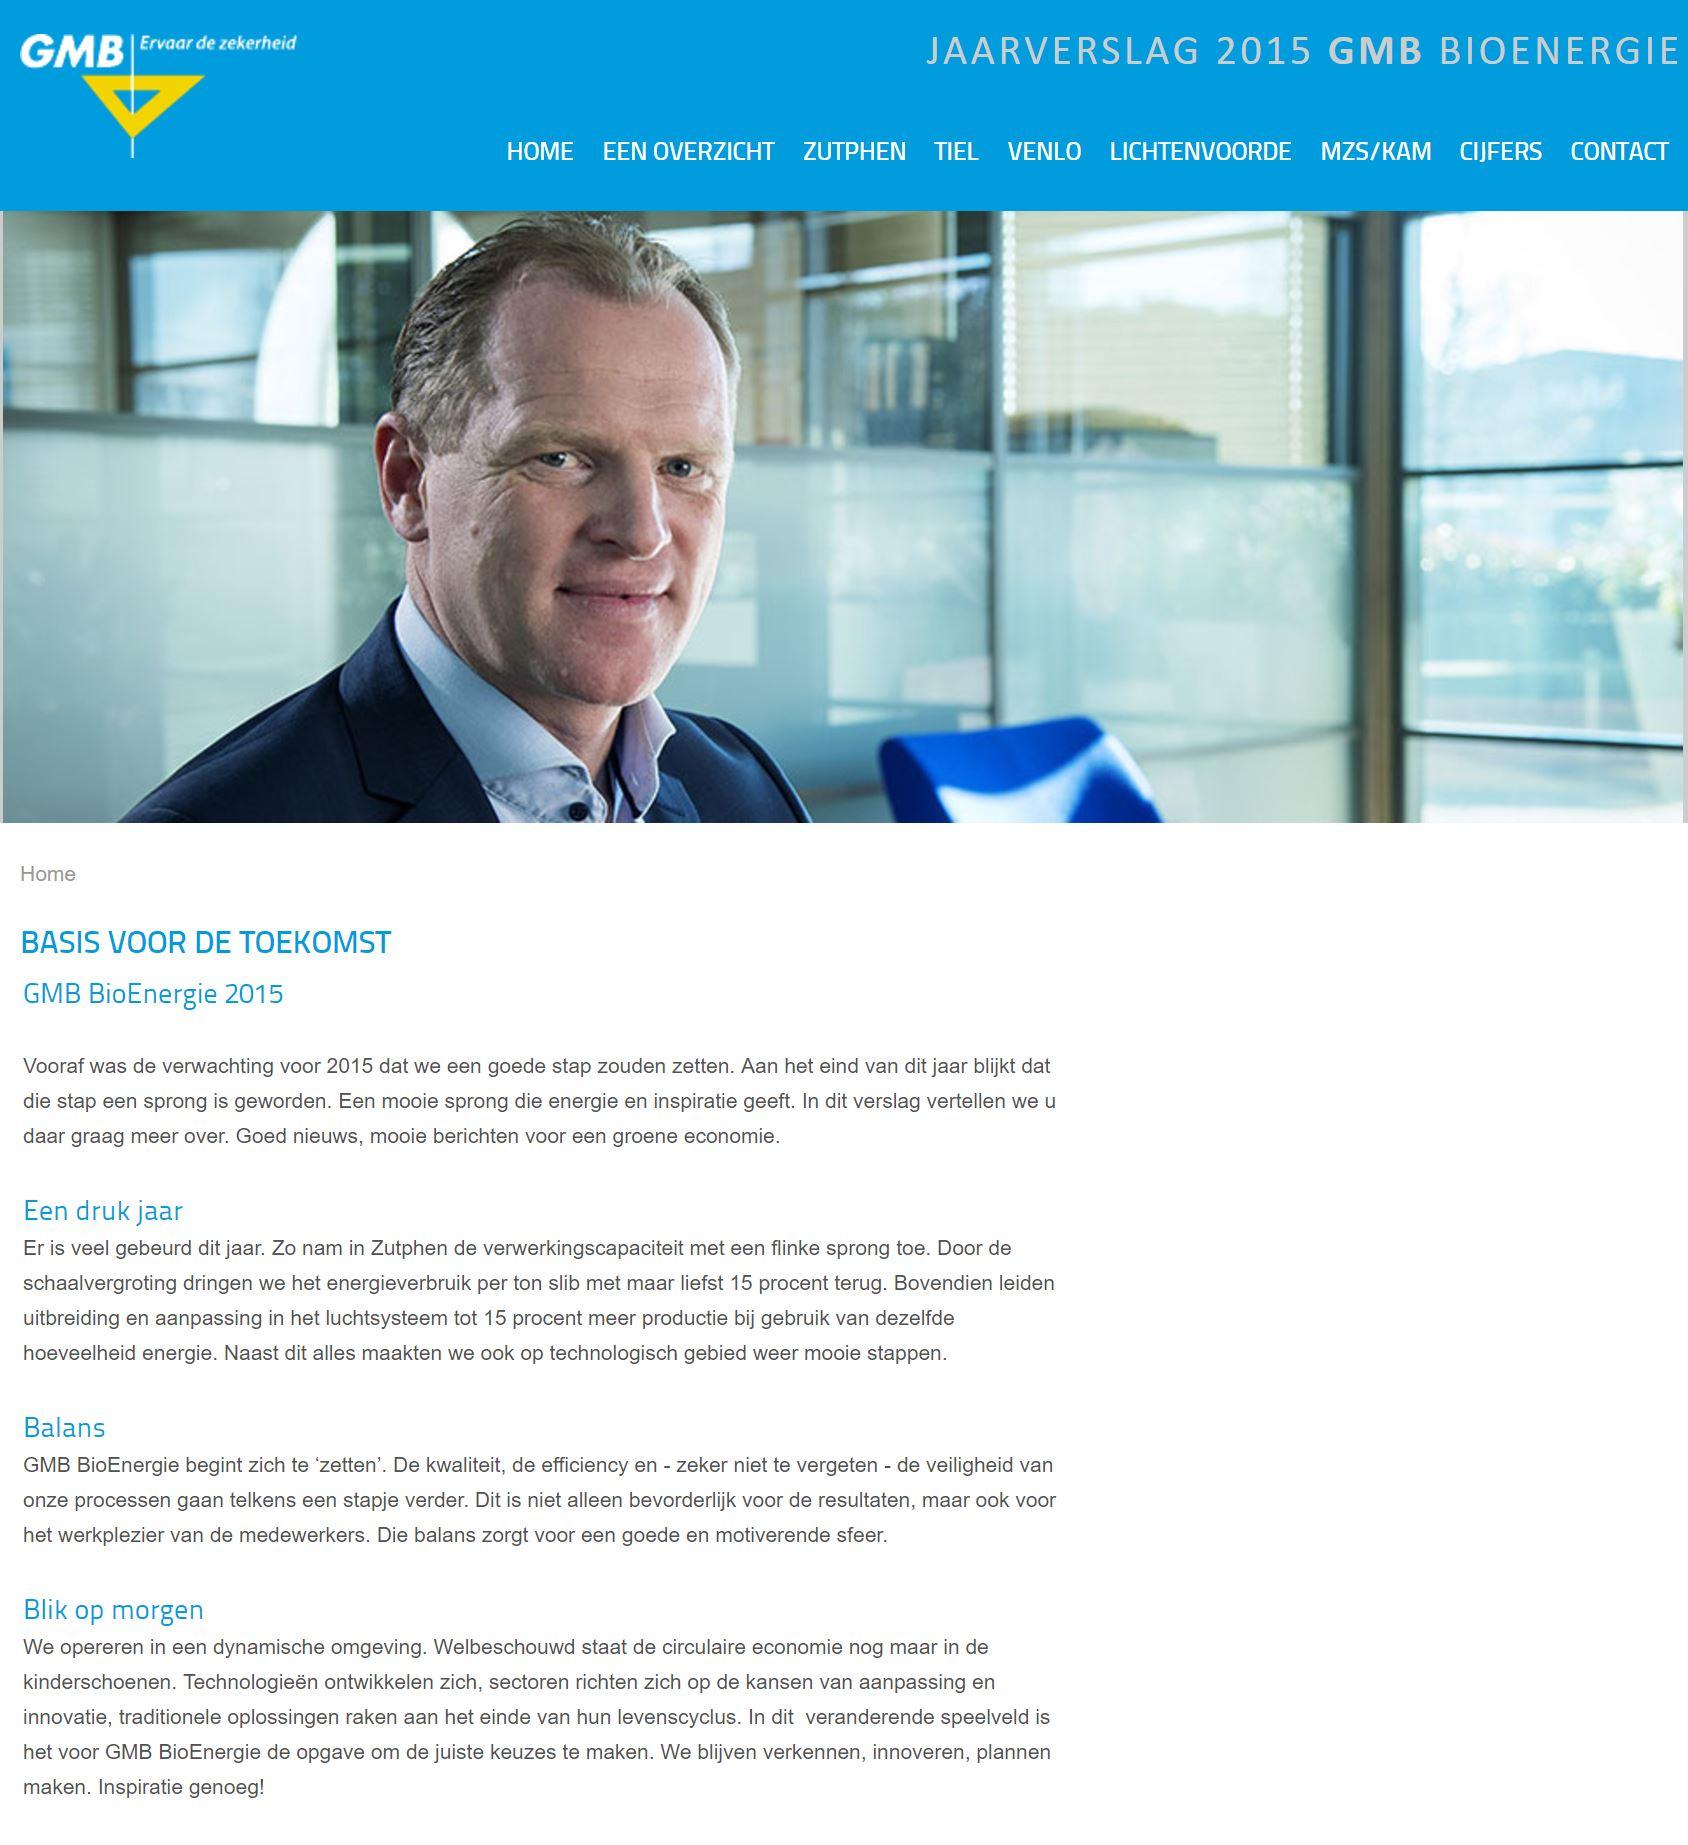 Jaarverslag BioEnergie 2015